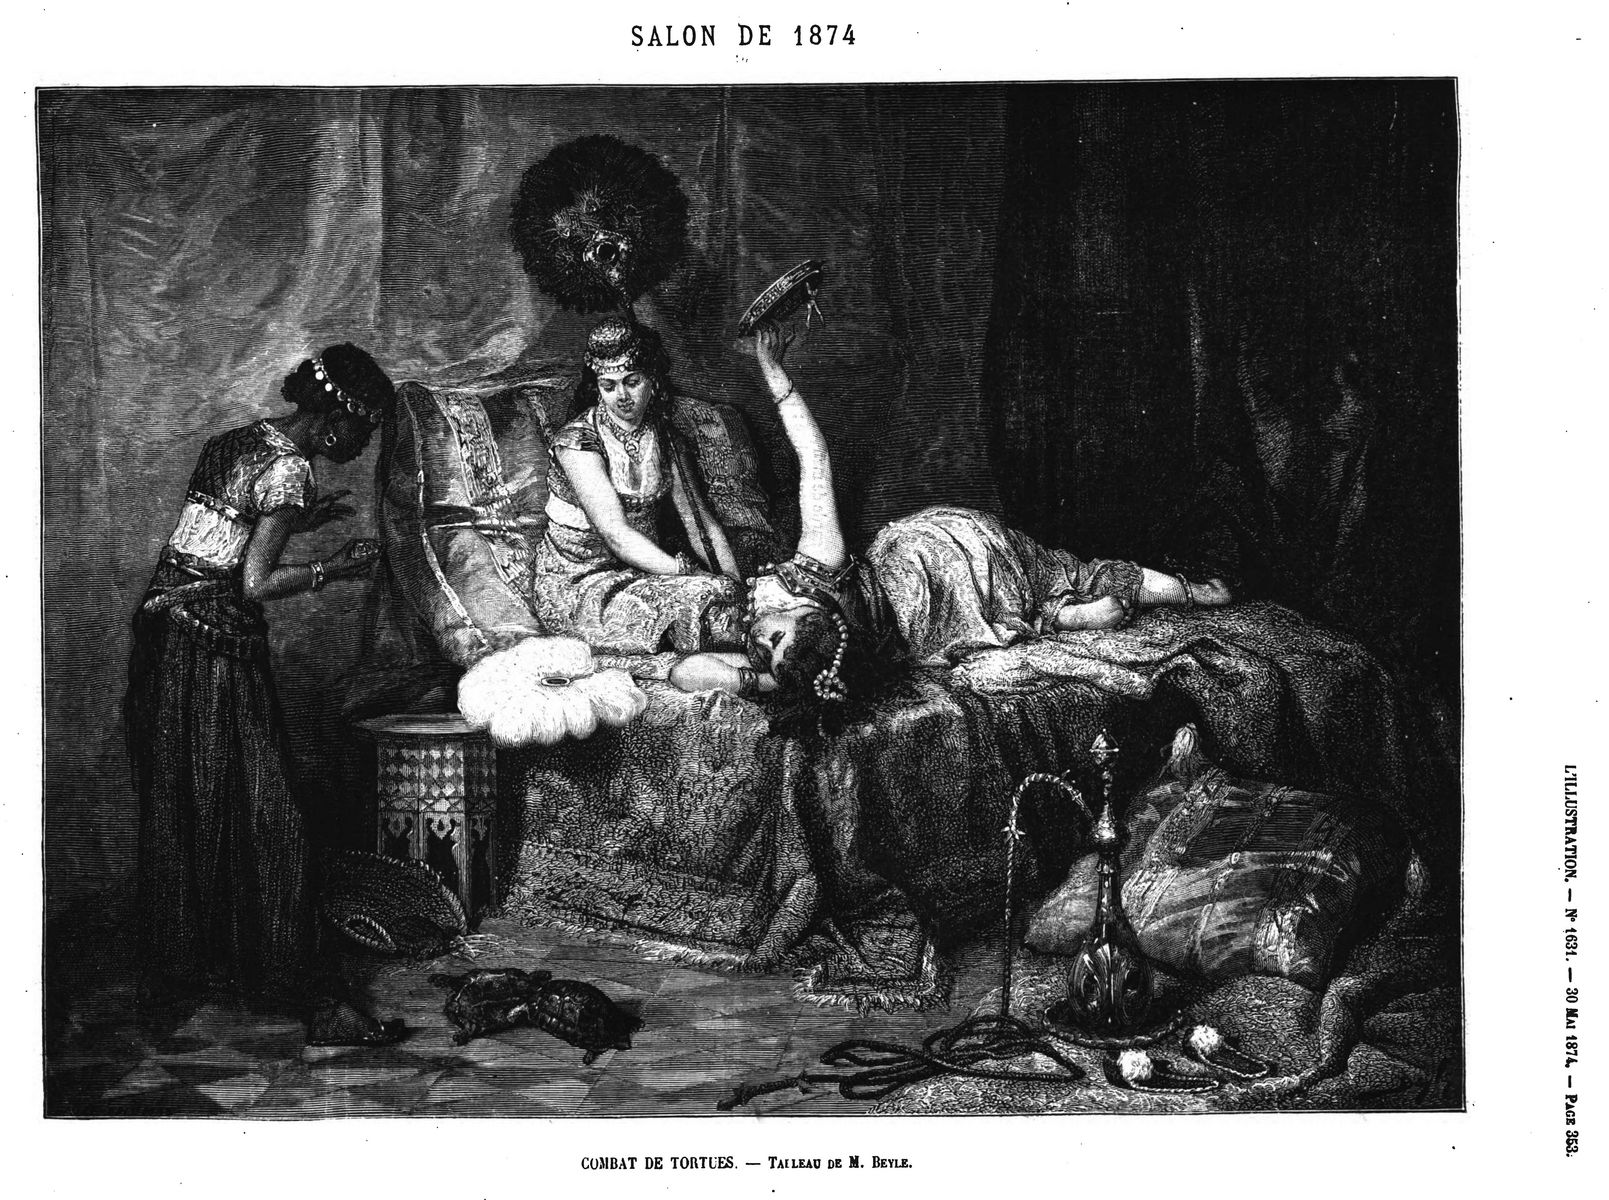 Combat de tortues, tableau de M. lieyle, (gravure 1874)